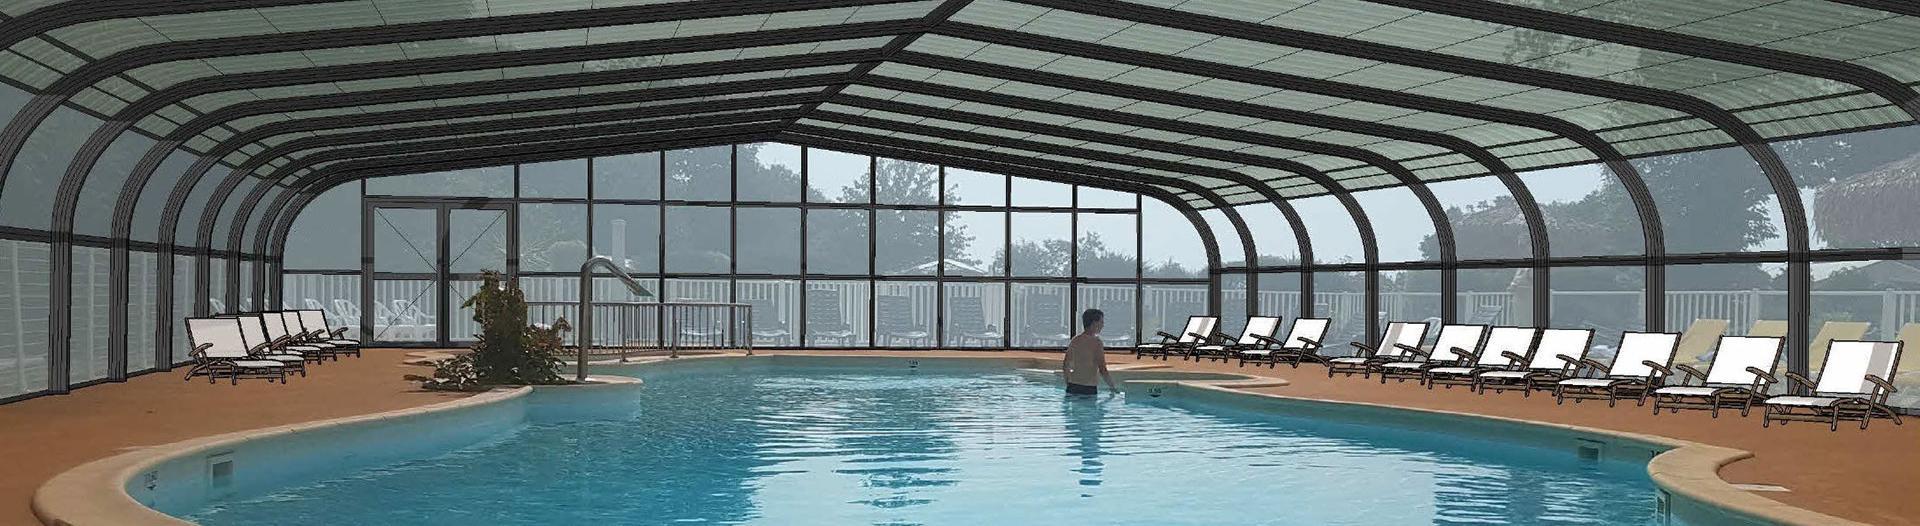 slider-camping-kersentic-fouesnant-piscine-couverte